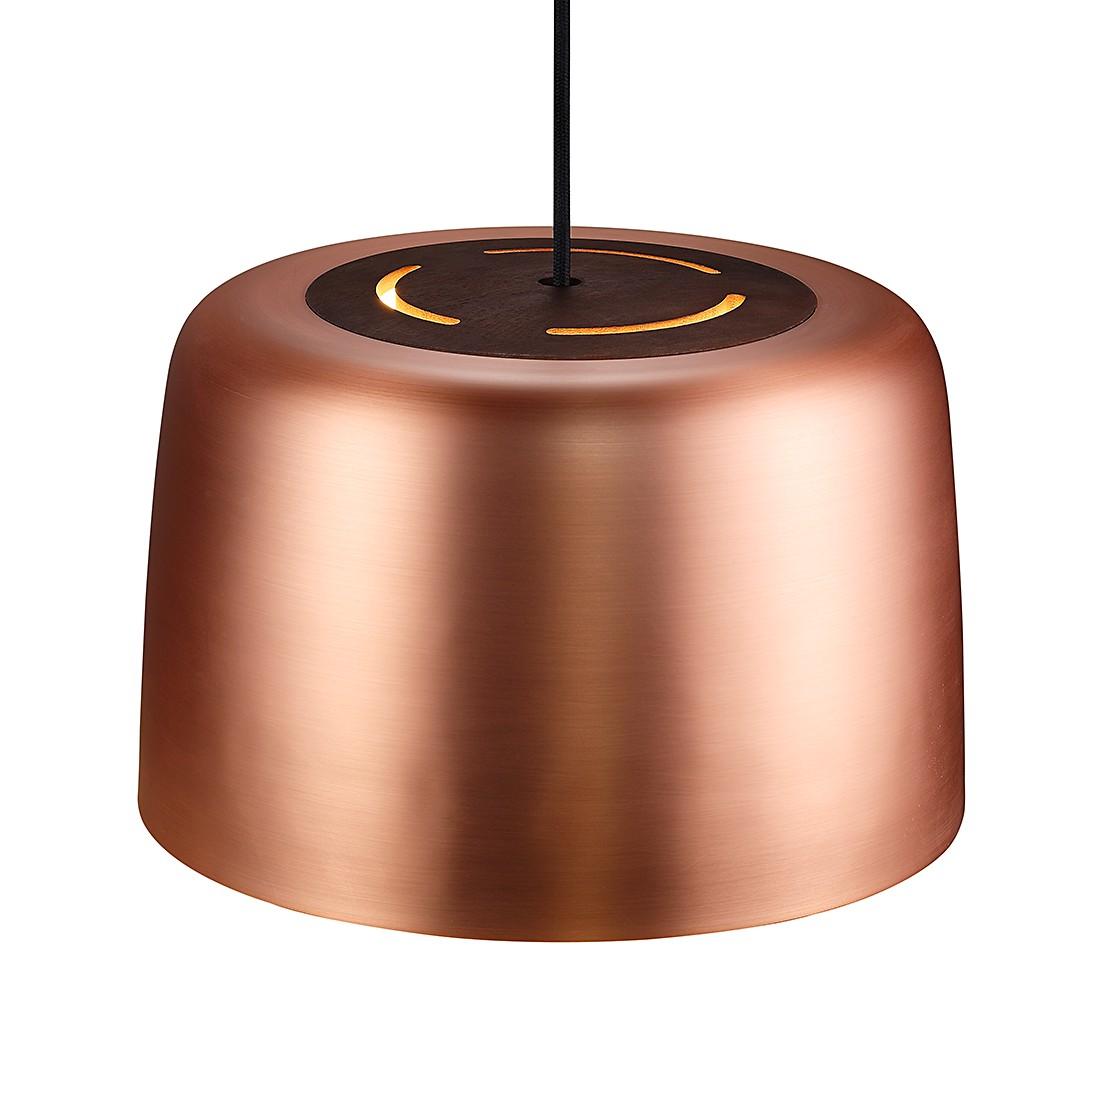 pendelleuchte vision metall braun 1 flammig nordlux a g nstig. Black Bedroom Furniture Sets. Home Design Ideas